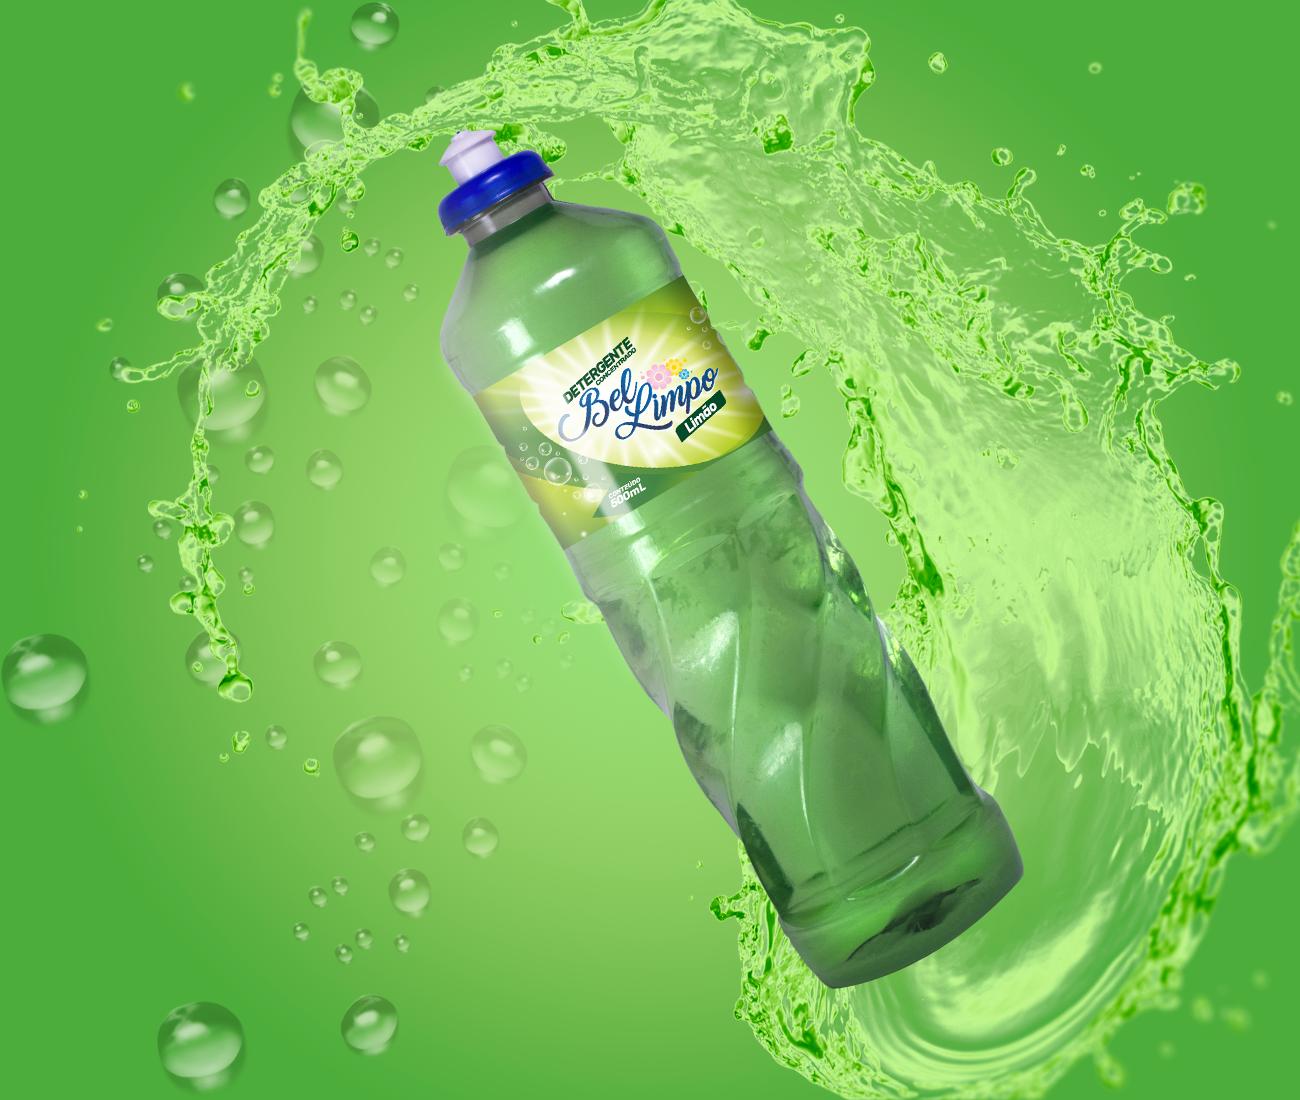 Detergente_02